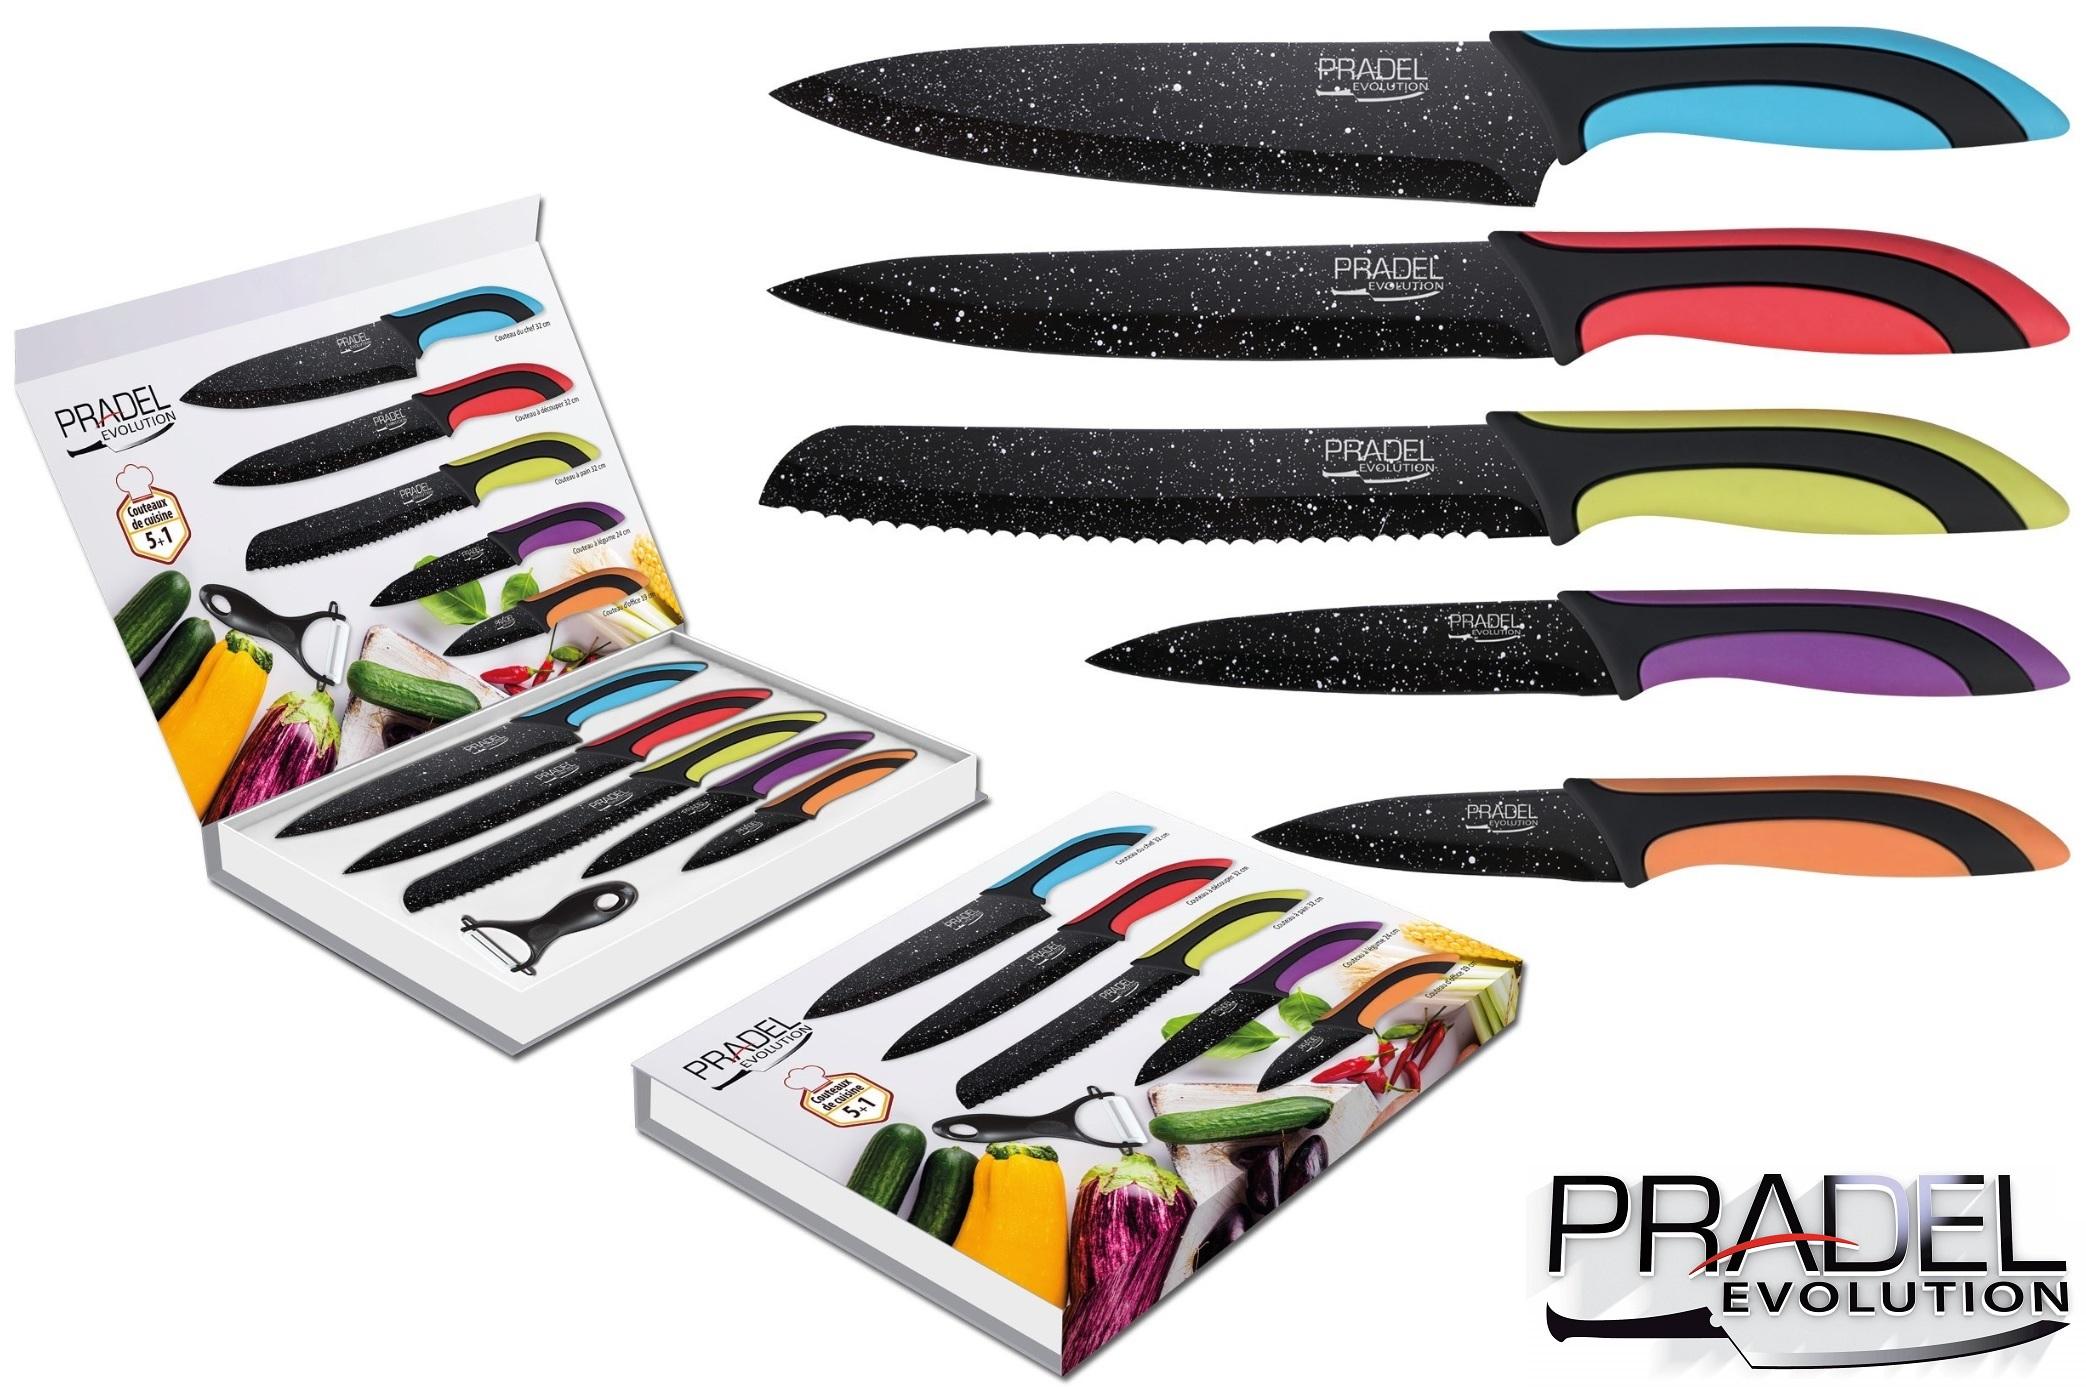 Coffret couteaux pradel couteau de cuisine table pierre Pradel couteau cuisine